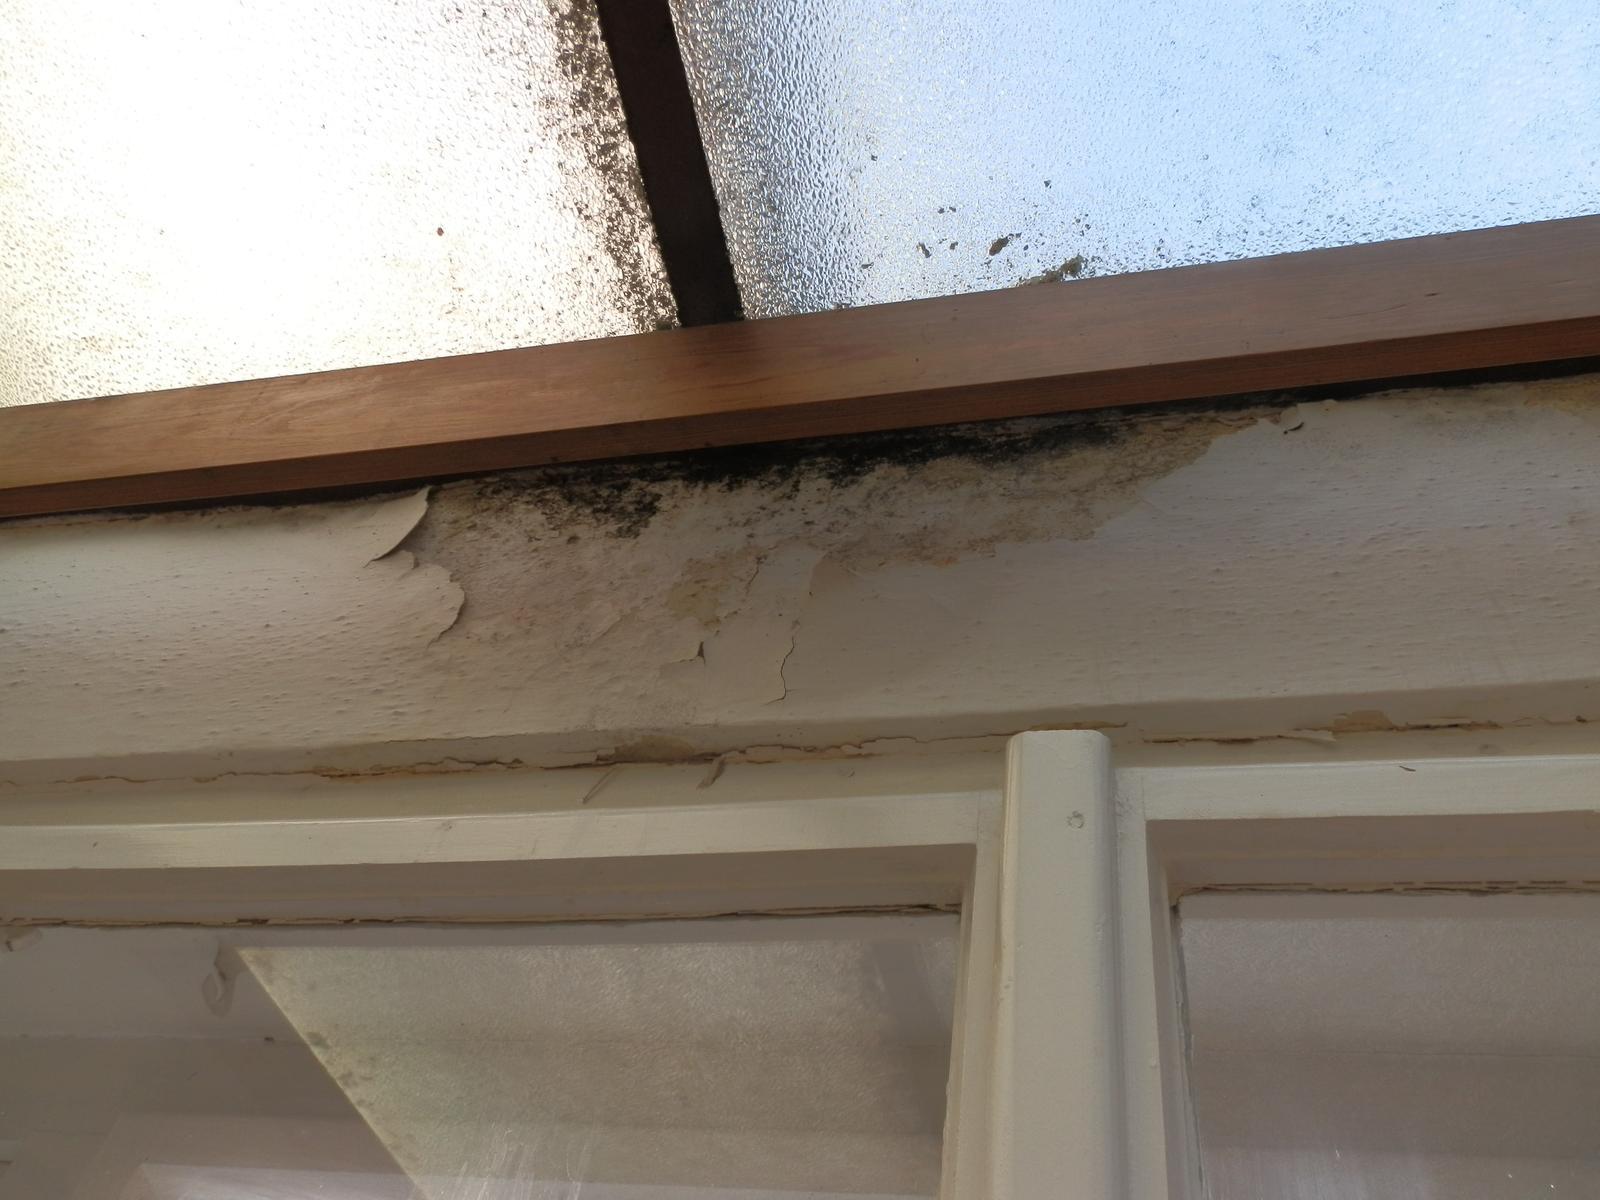 Náš byt v domě- rekonstrukce - Obrázek č. 5